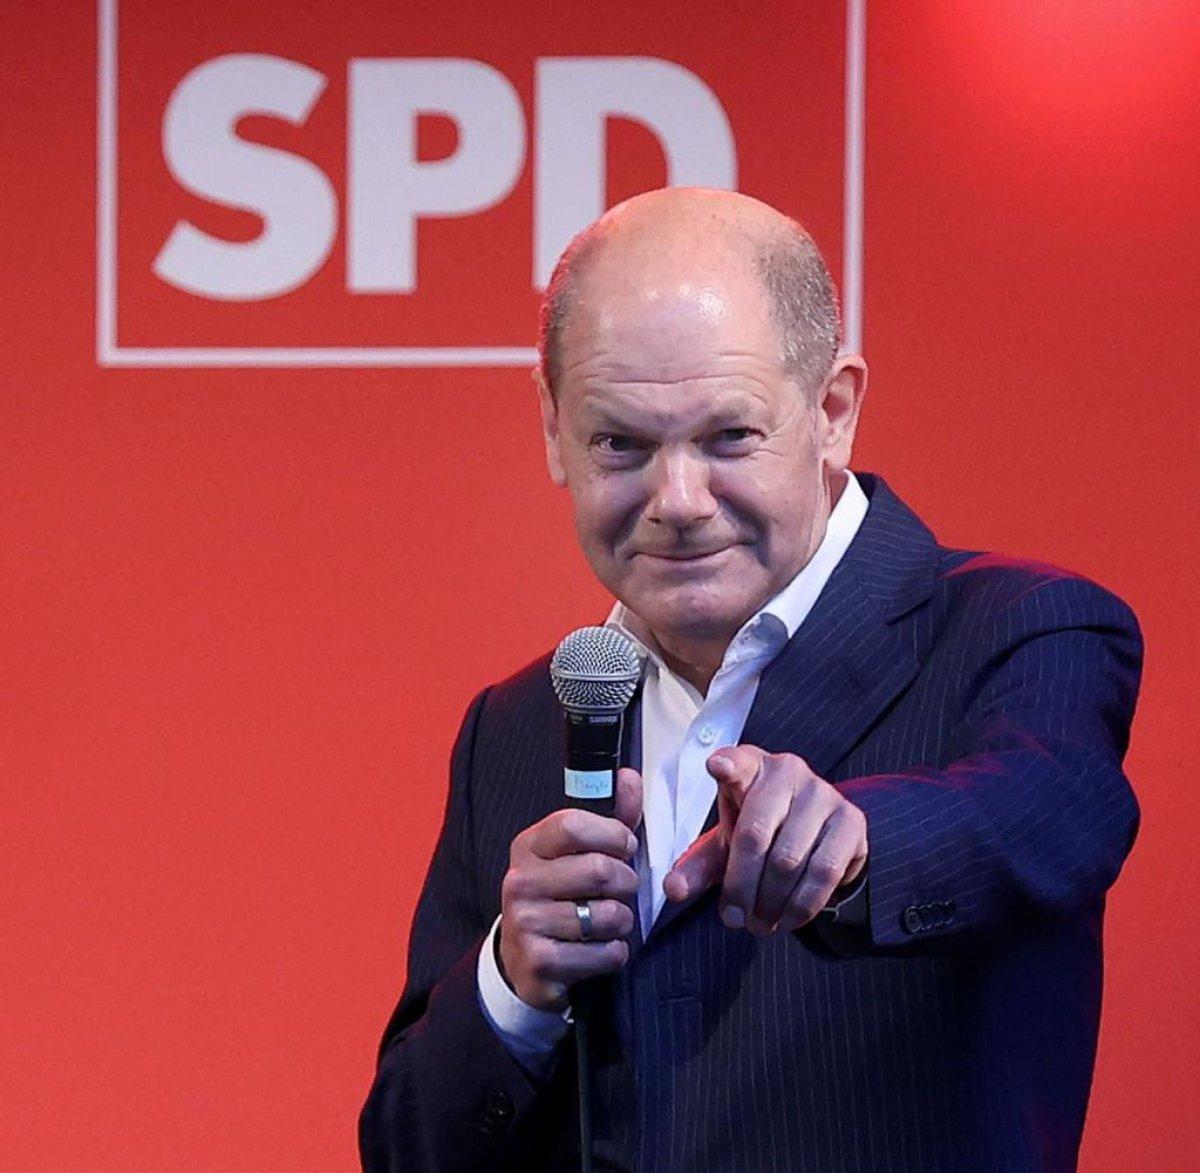 Almanya nın yeni başbakanı Olaf Scholz kimdir? İşte hayatı ve kariyeri... #3